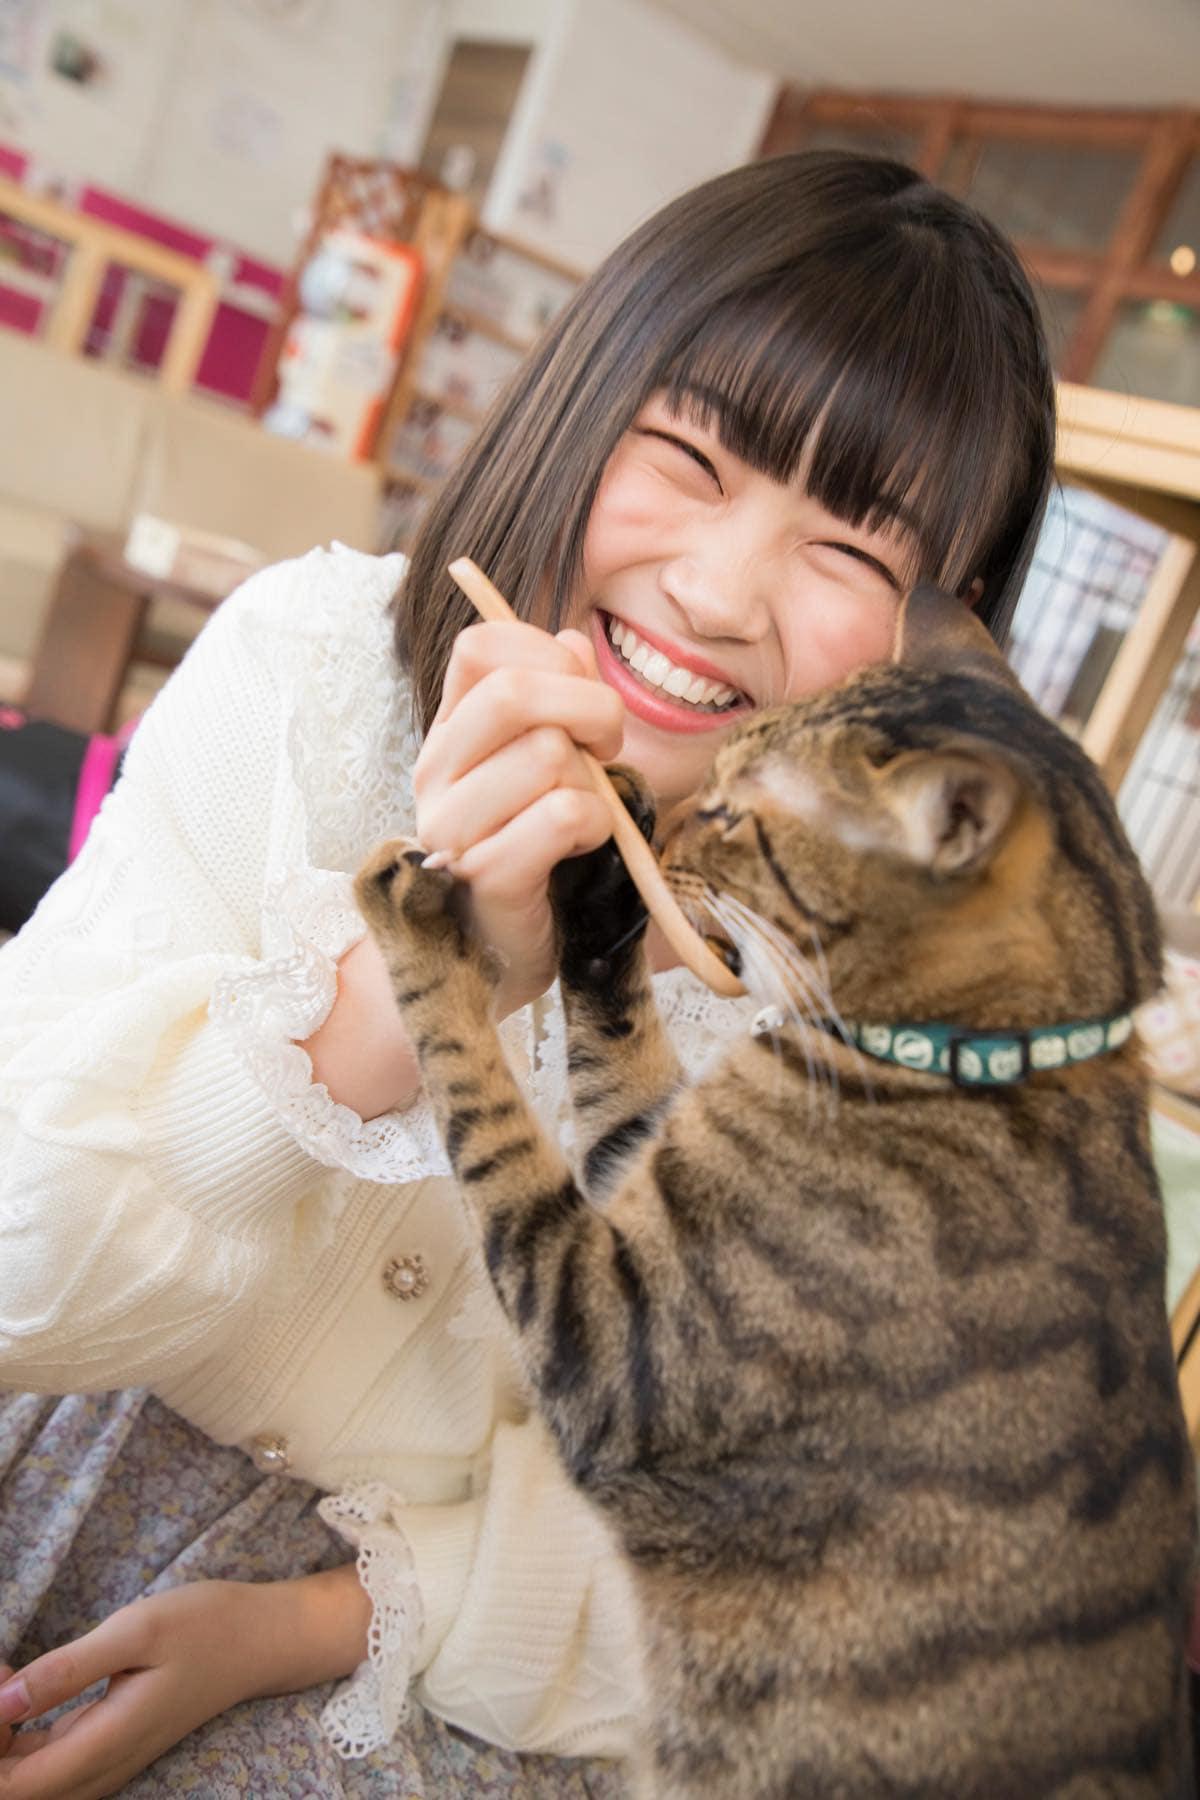 小澤愛実「猫に愛されることはできるのか」【写真48枚】【連載】ラストアイドルのすっぴん!vol.19の画像005